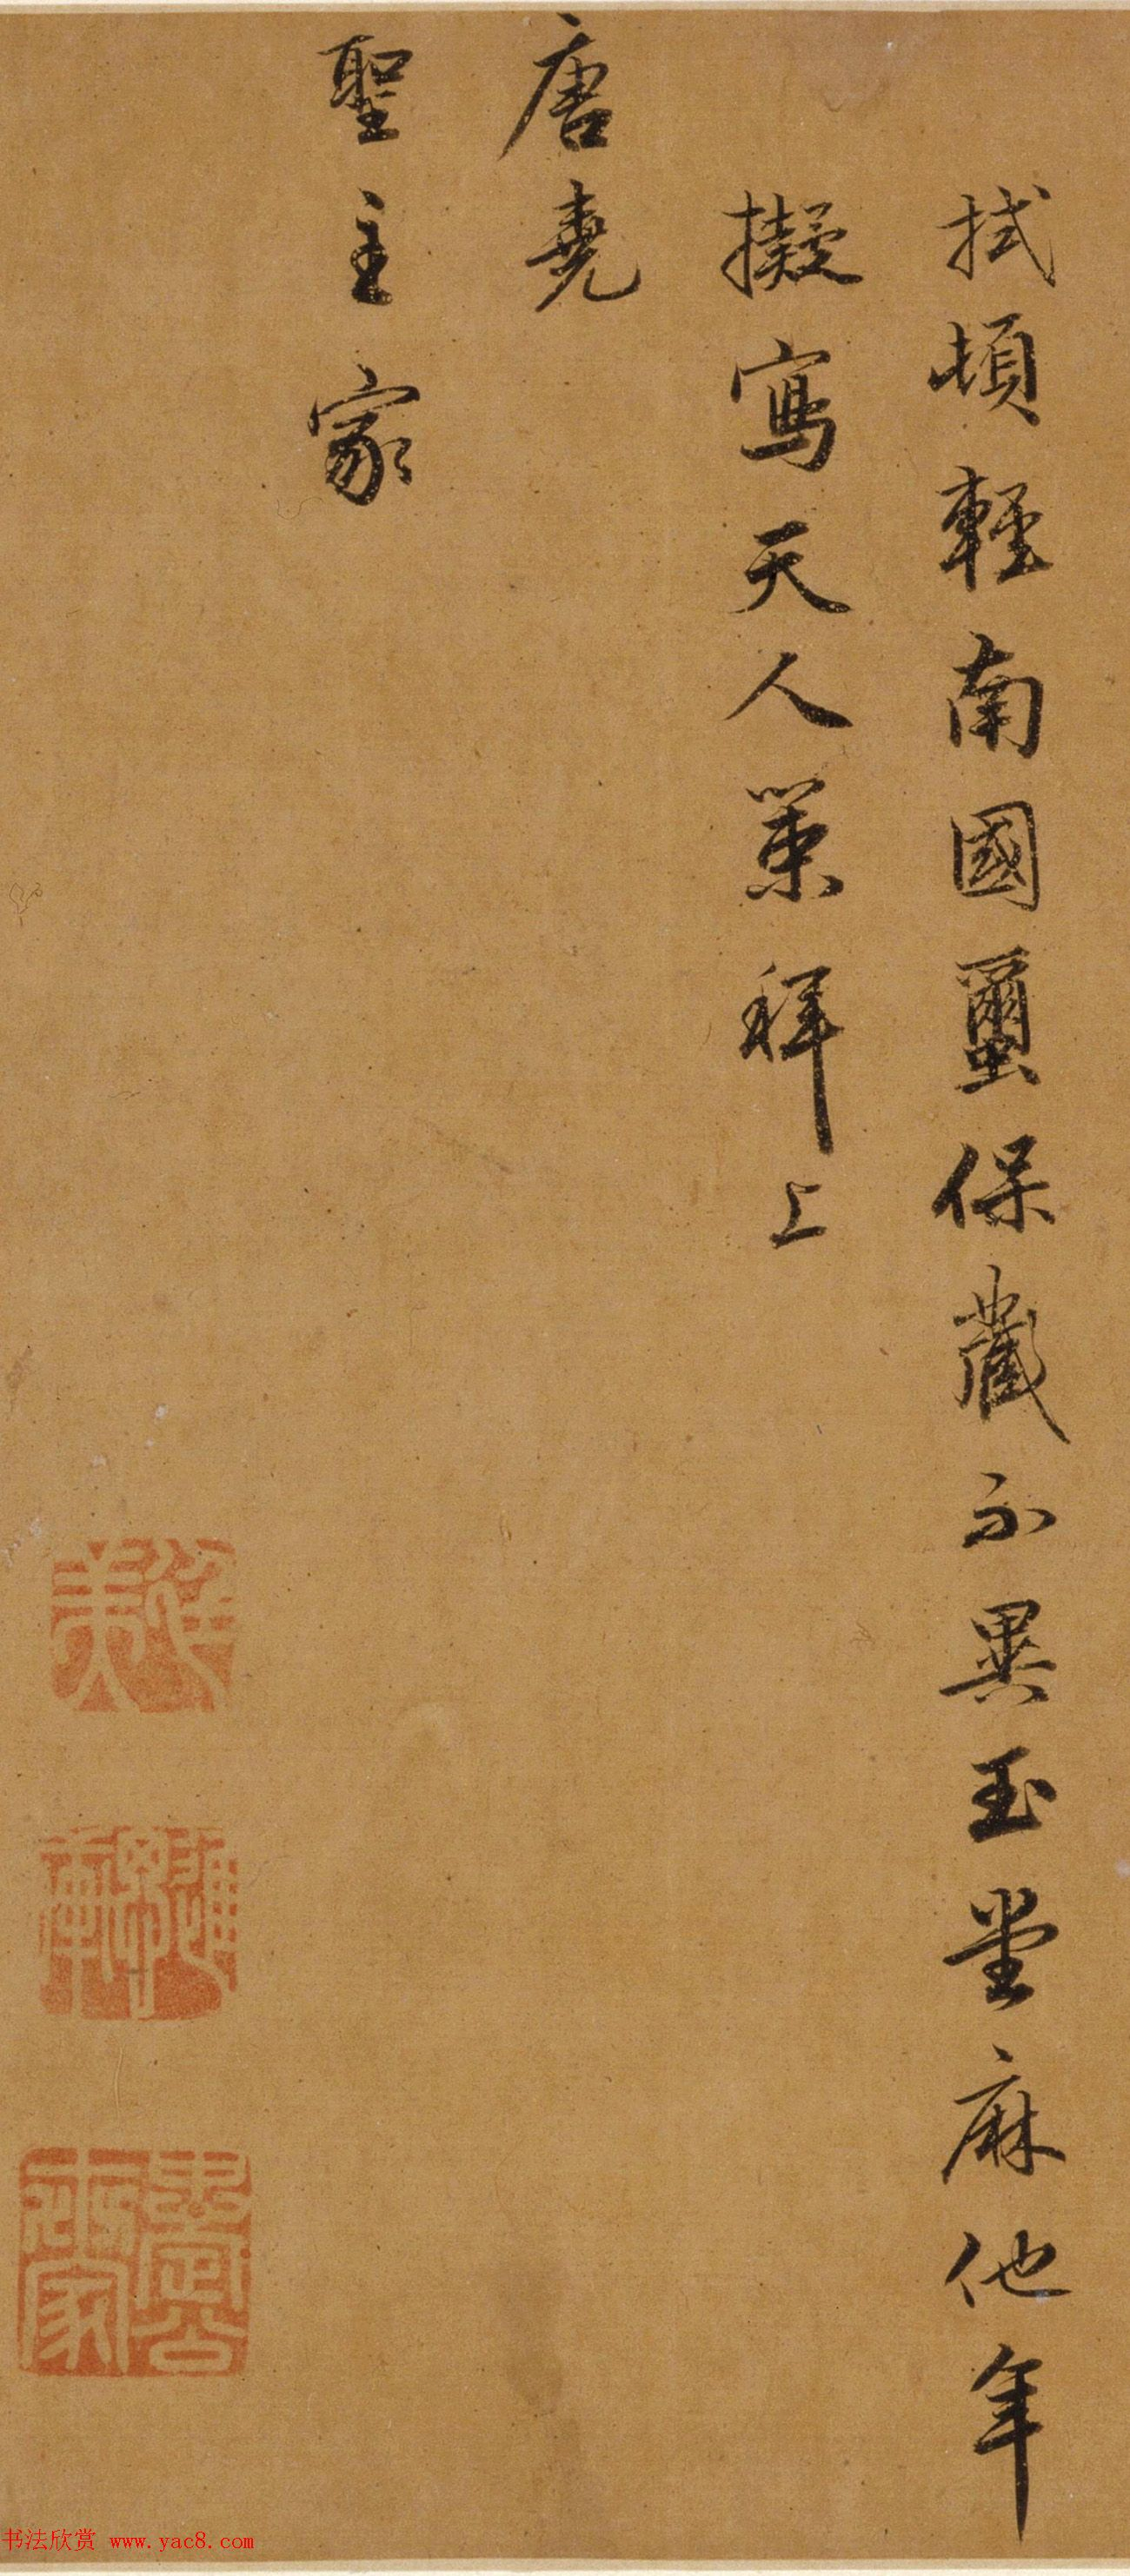 明代刘珏行书《仰间帖》+《论画帖》